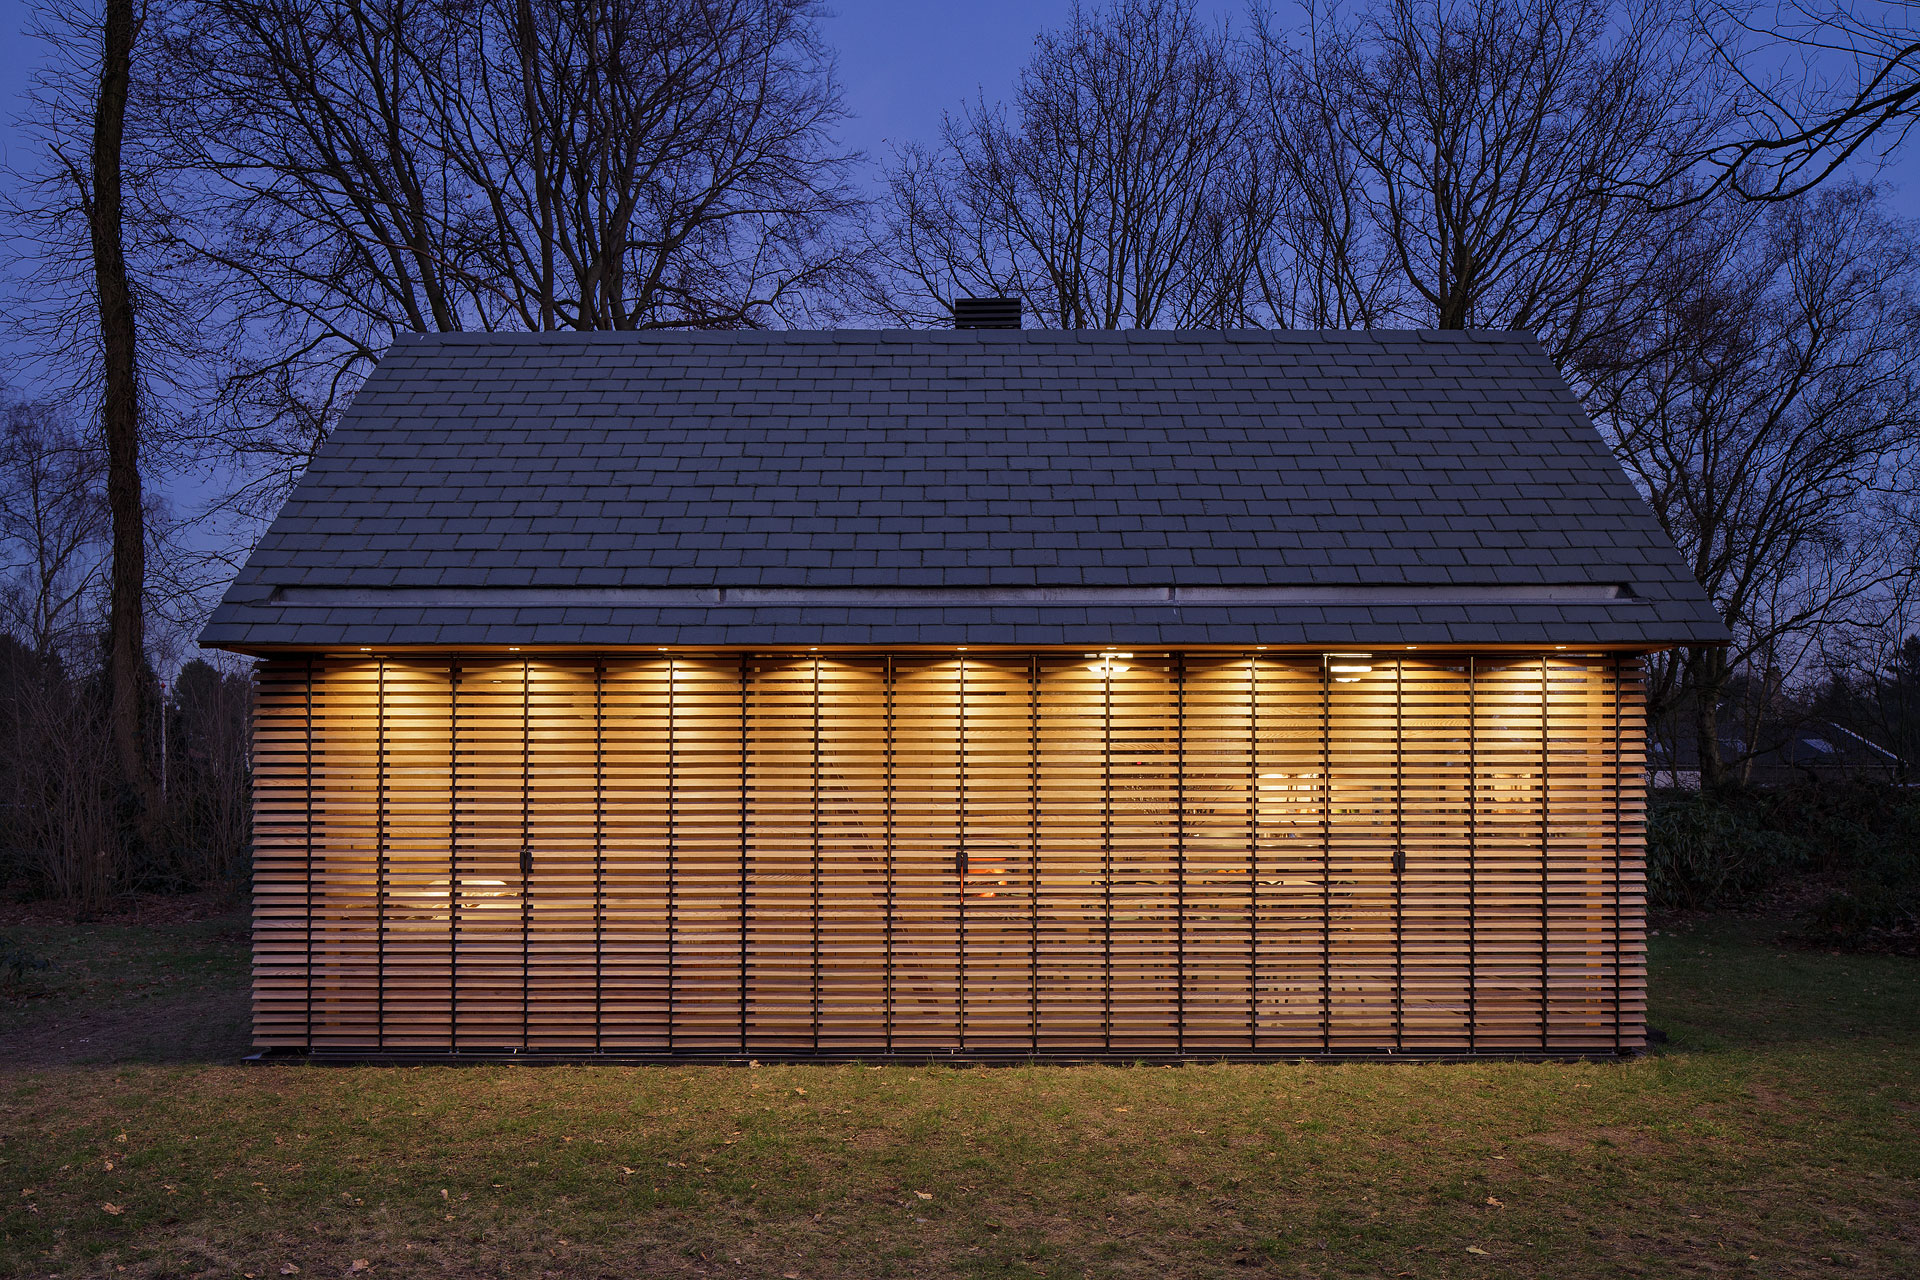 Stijn-Poelstra-Architectuurfotografie-Zecc-Tuinhuis-11